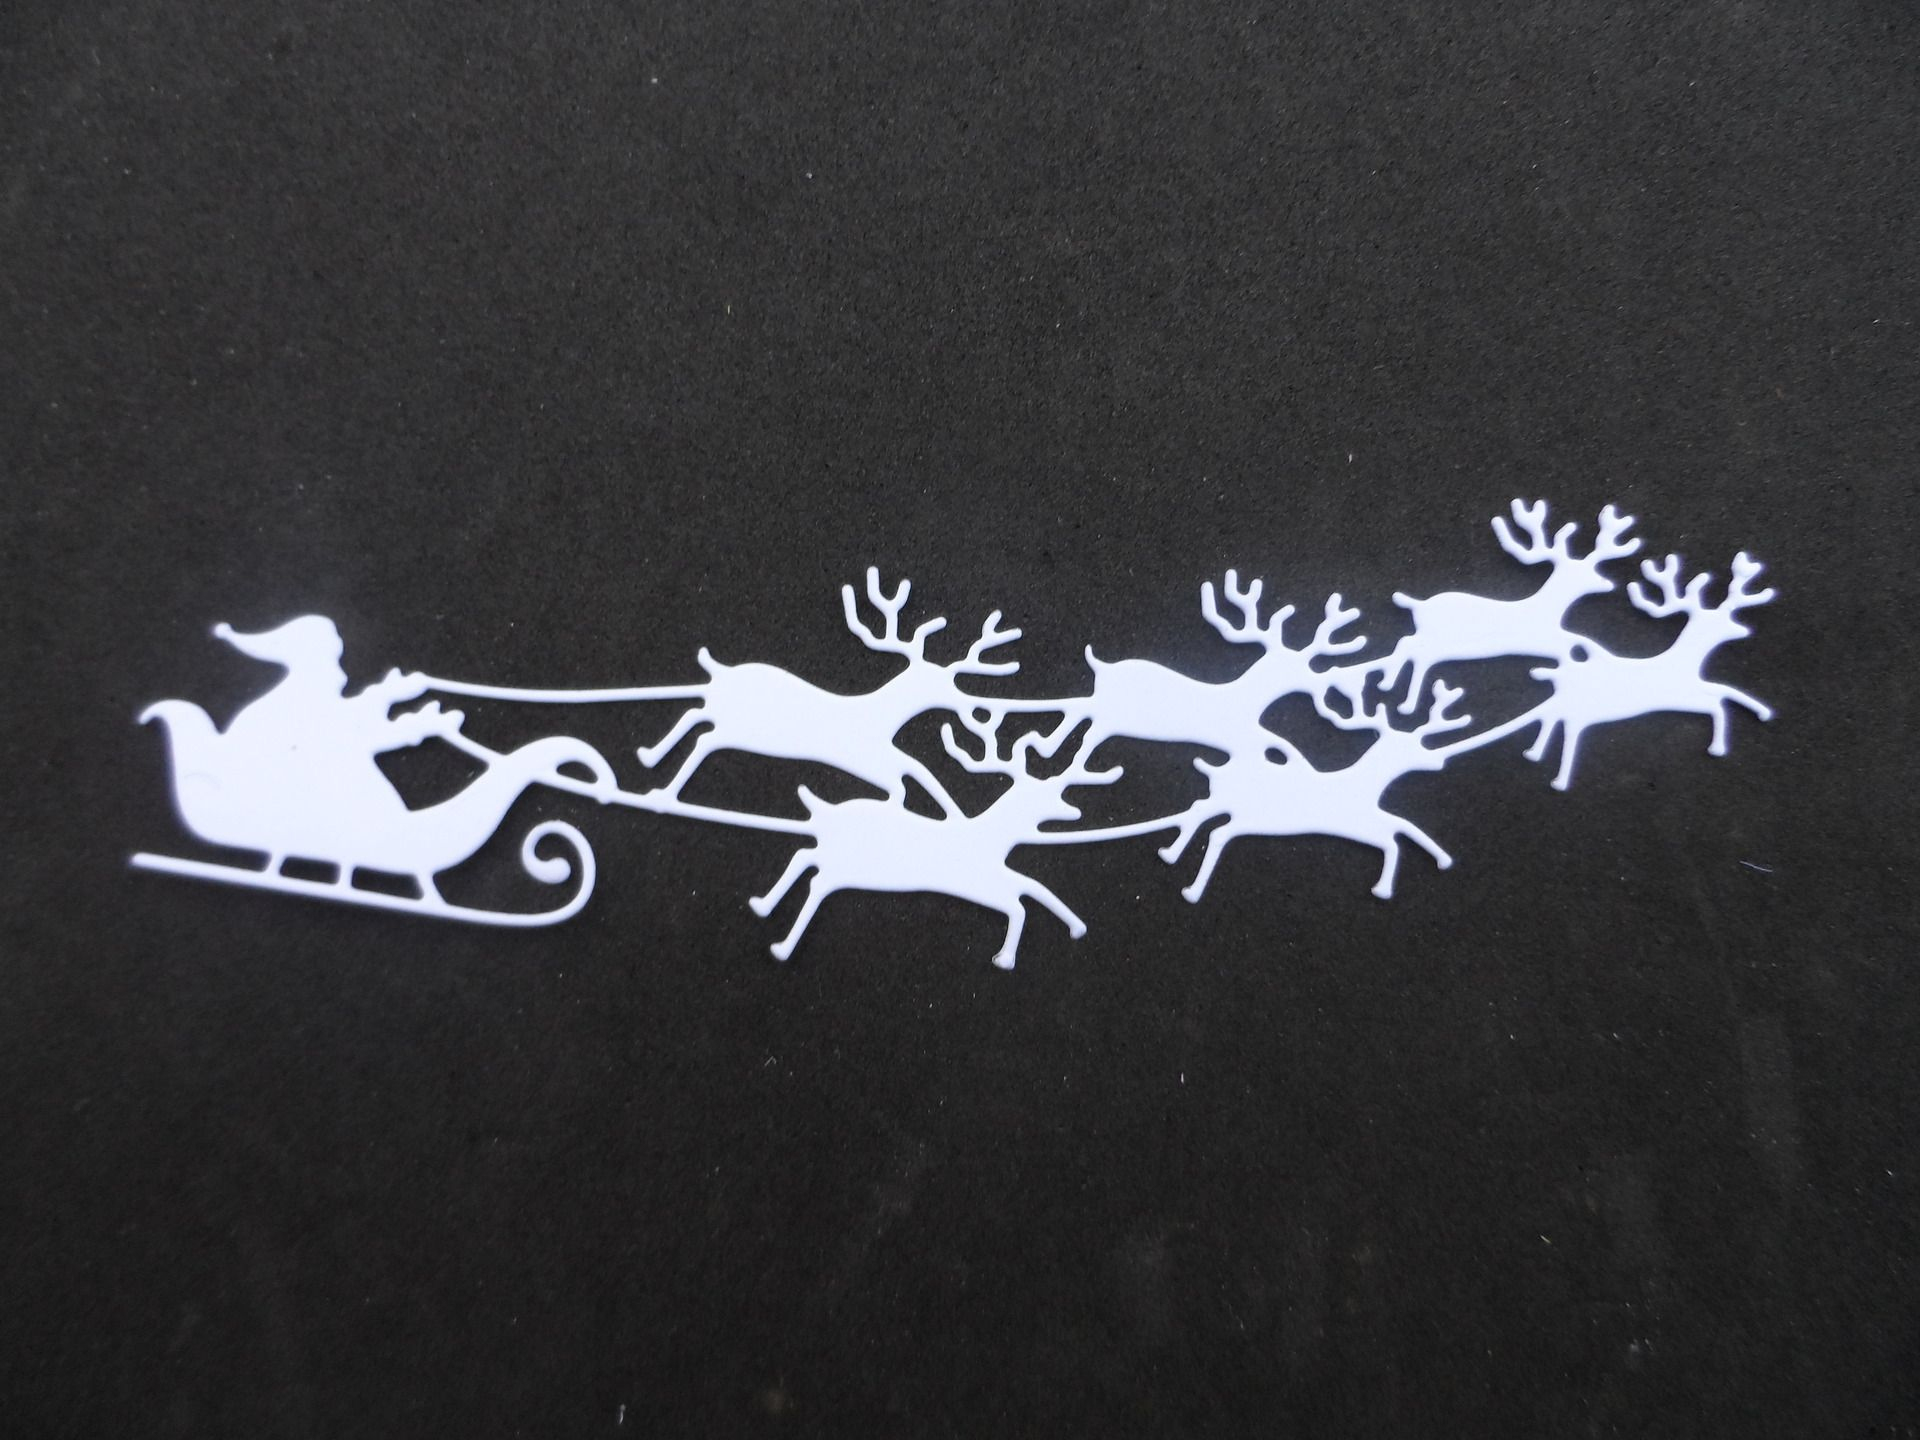 Découpe Traîneau Du Père Noel : Embellissements Par Didine45 destiné Image De Traineau Du Pere Noel